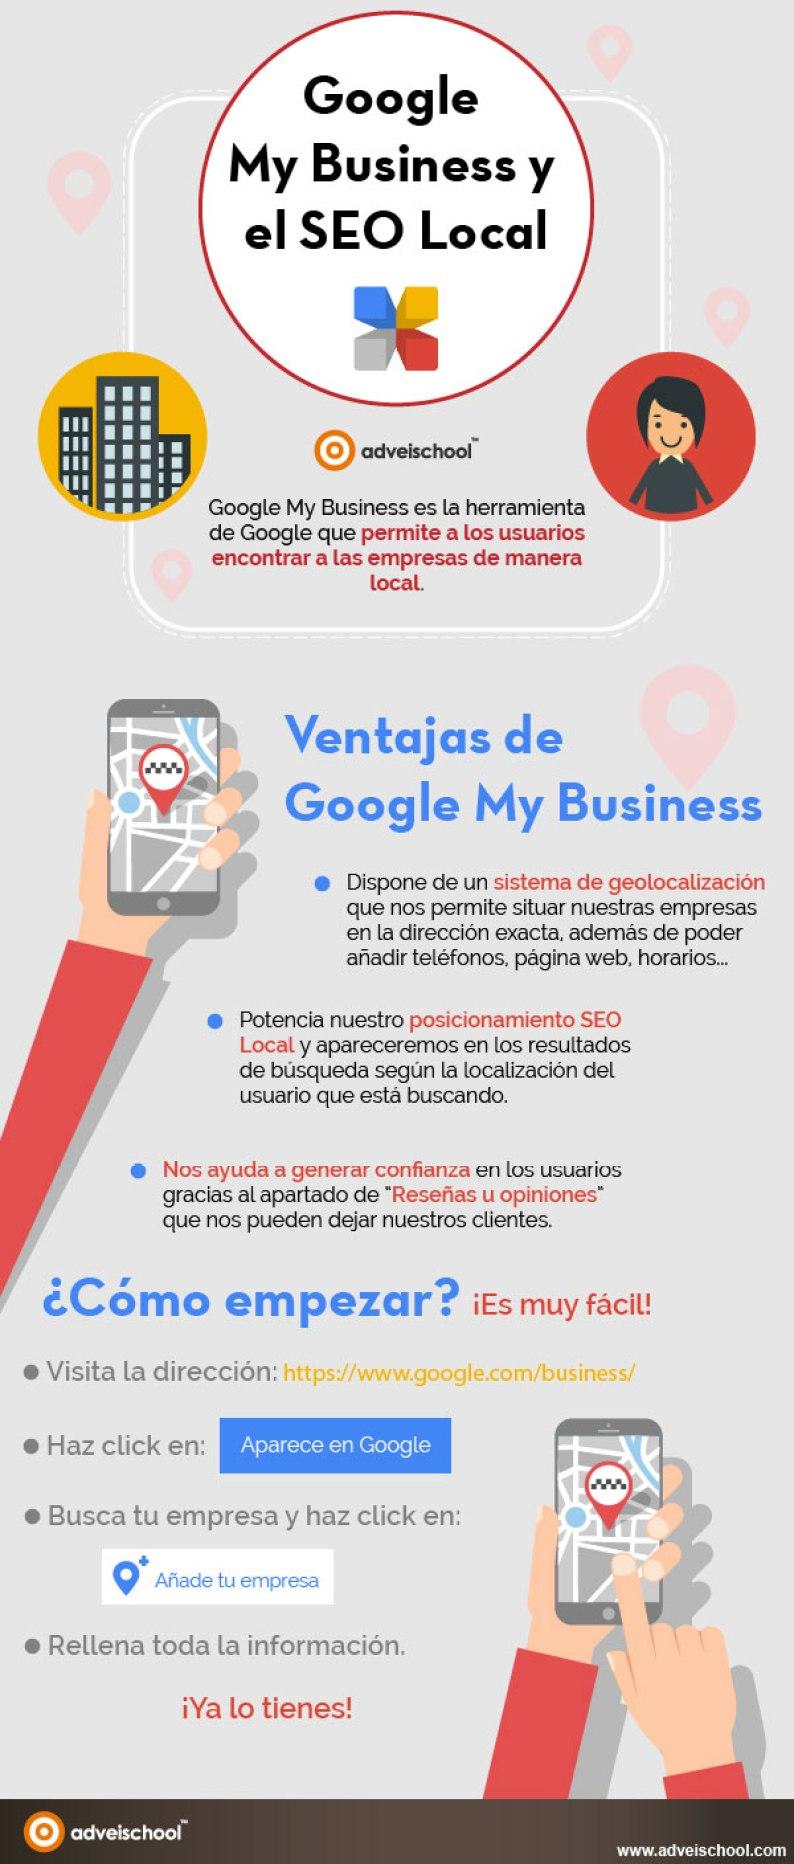 Google My Business y el SEO Local